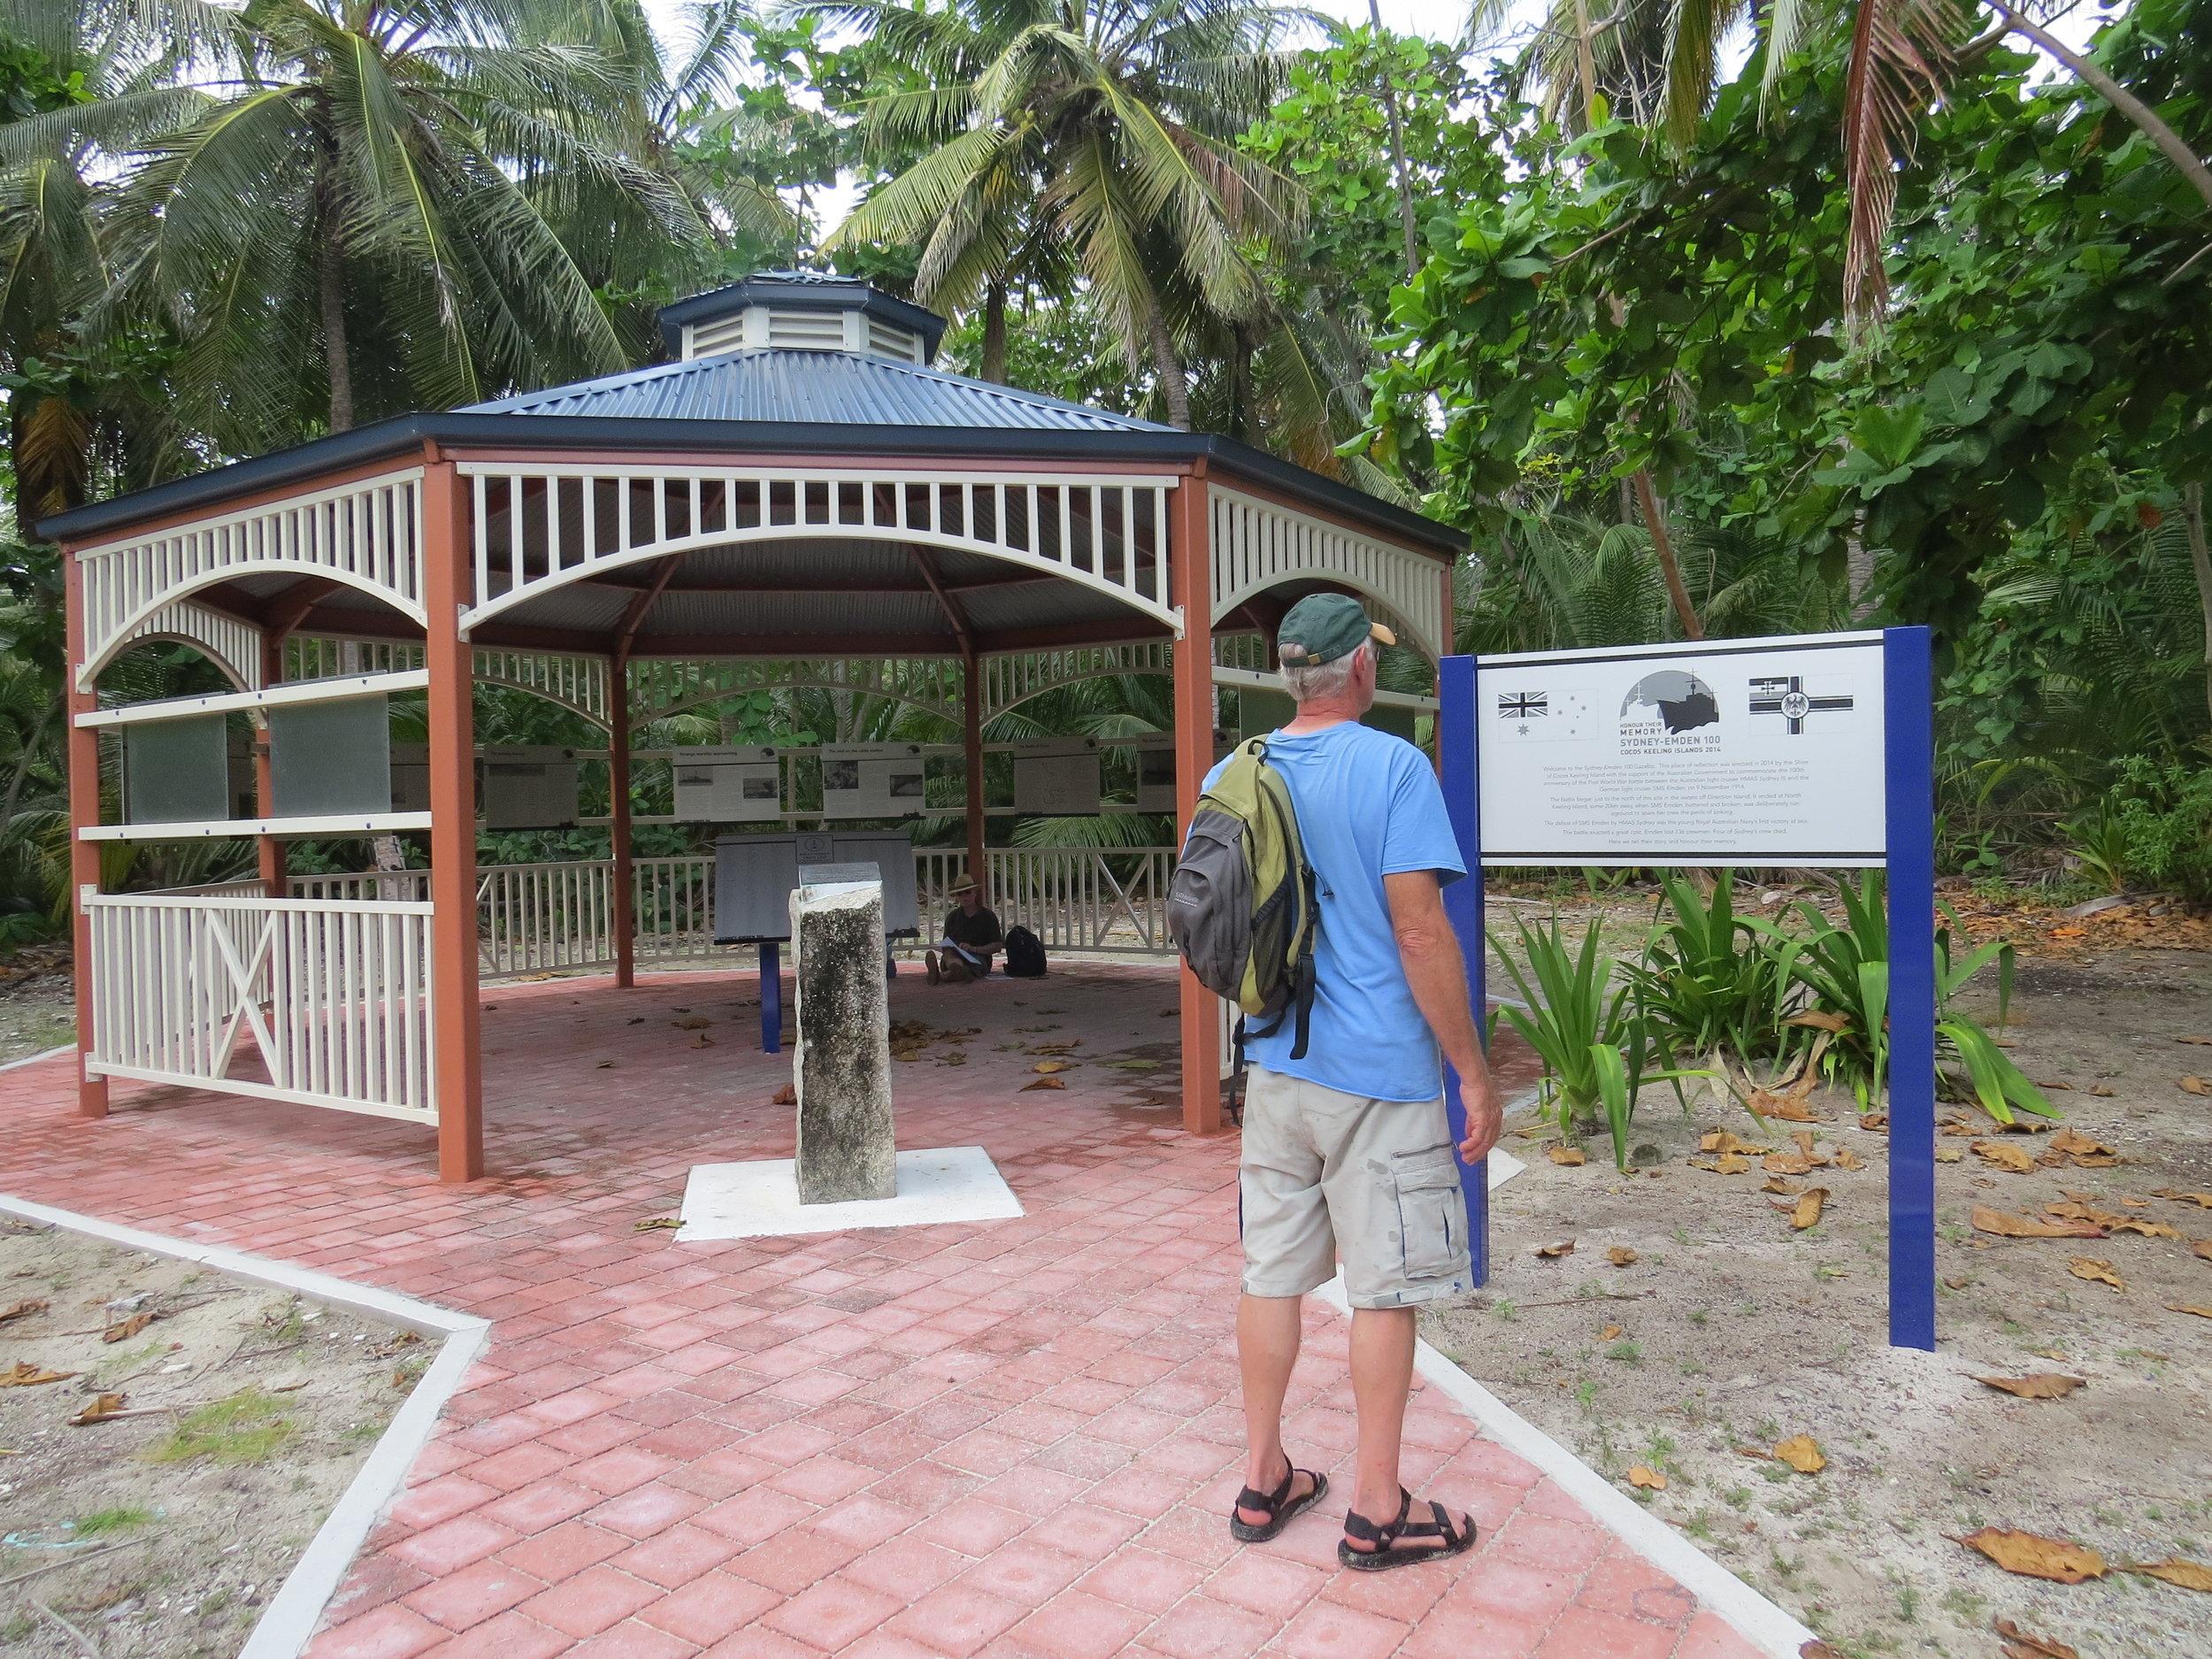 Gazebo memorial on Heritage Trail